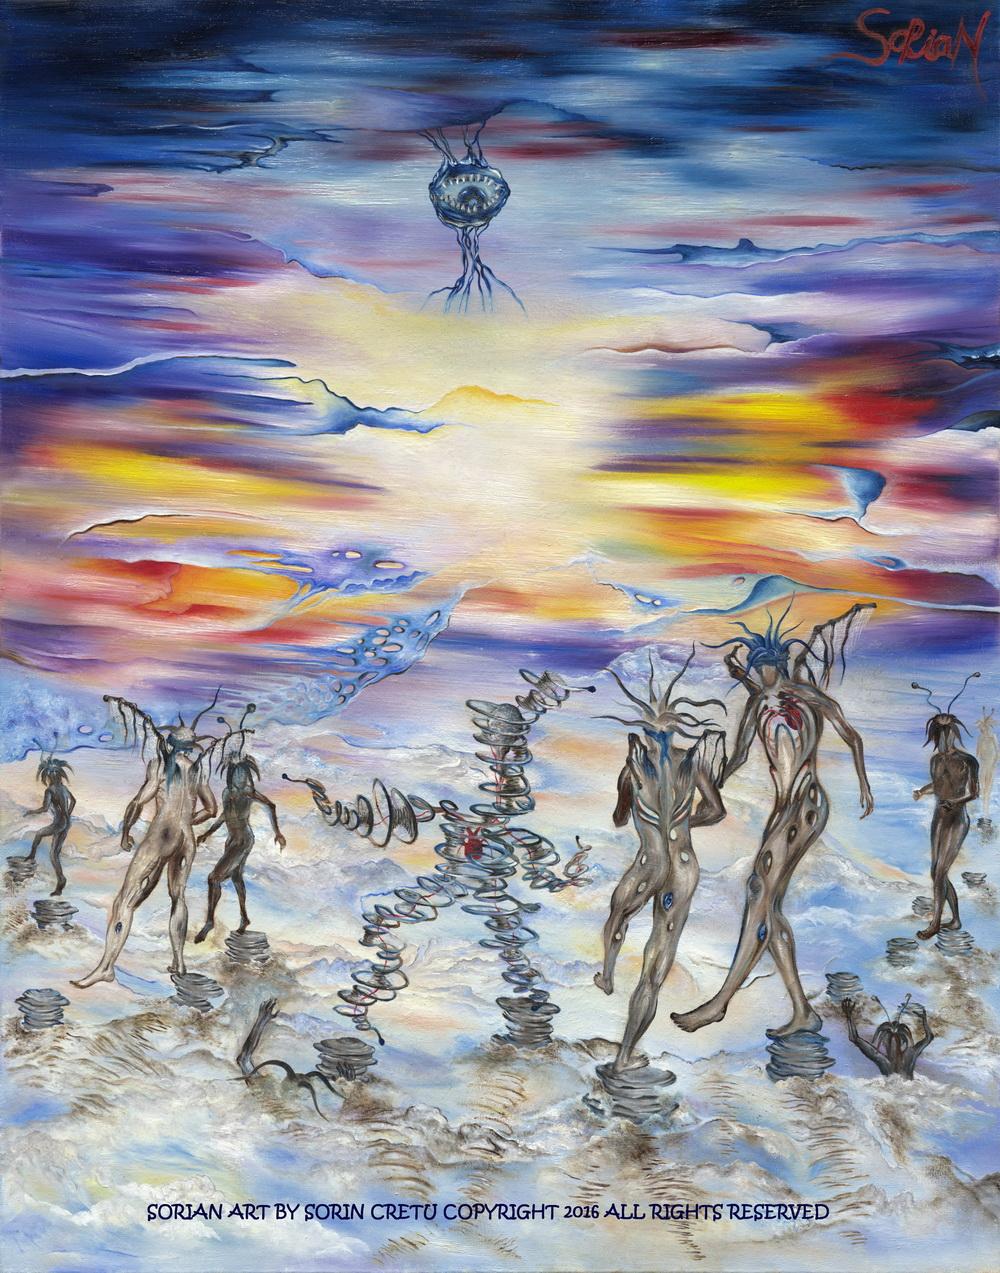 Blind Dreamers - SORiaN (Sorin Cretu) - 2016 - Size 28x22 inches.jpg